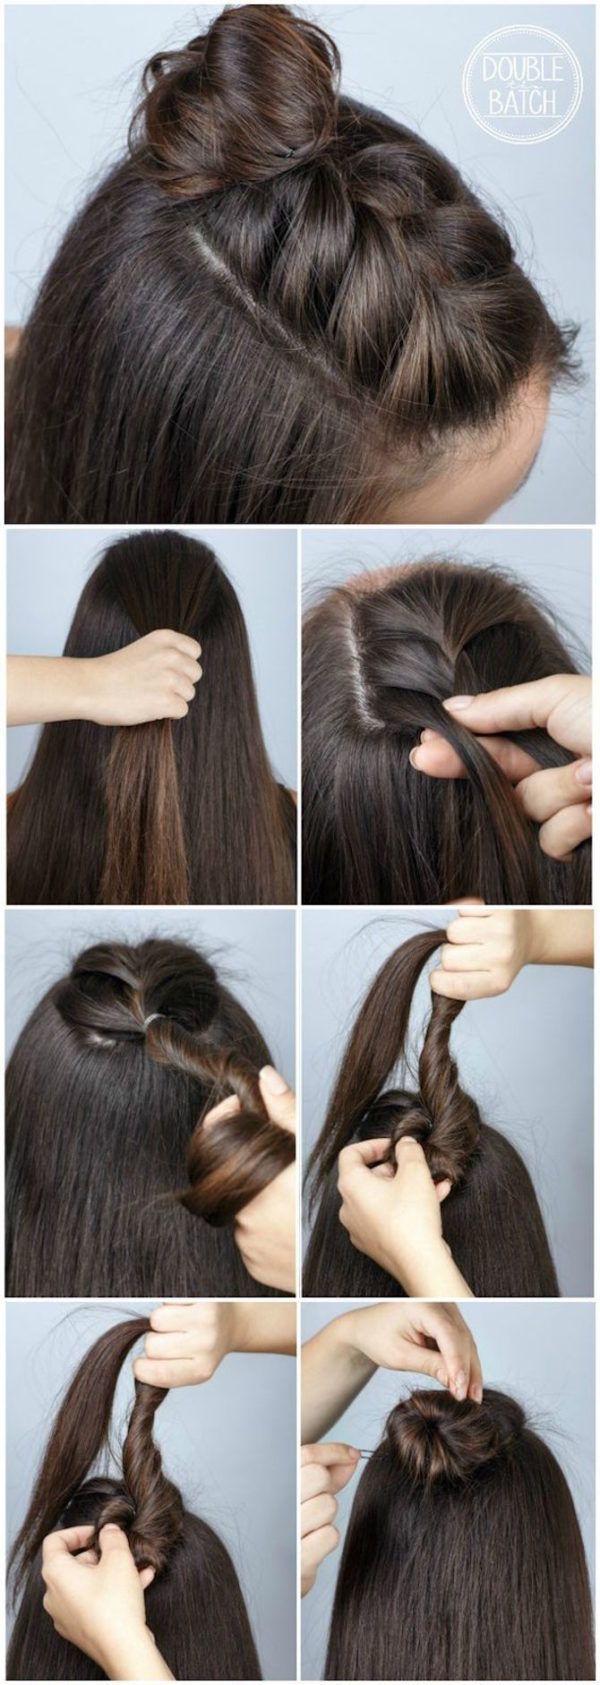 Easy hairstyles easytomake stepbystep hairstyles hair